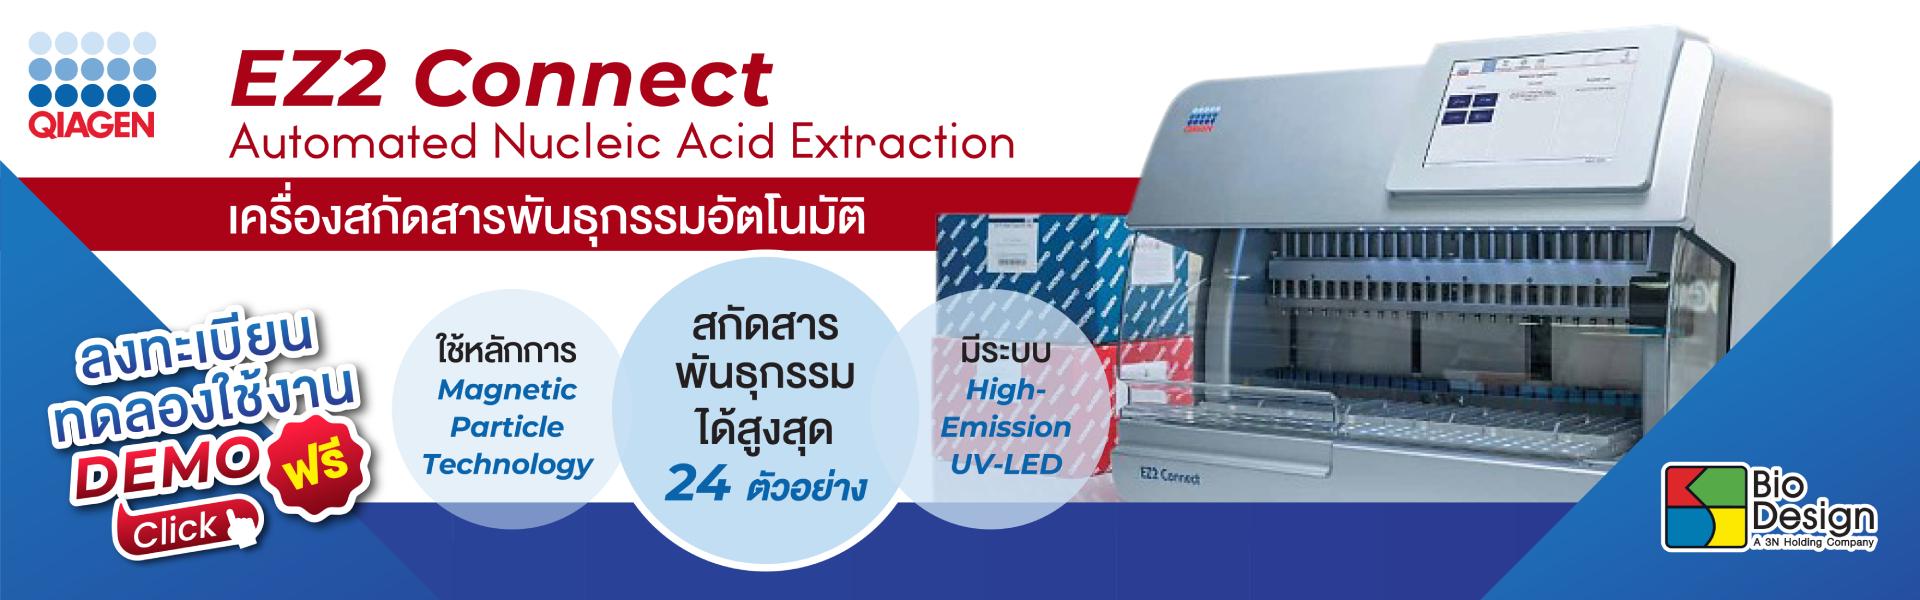 EZ2 Connect Automated Nucleic Acid Extraction เครื่องสกัดสารพันธุกรรมอัตโนมัติ